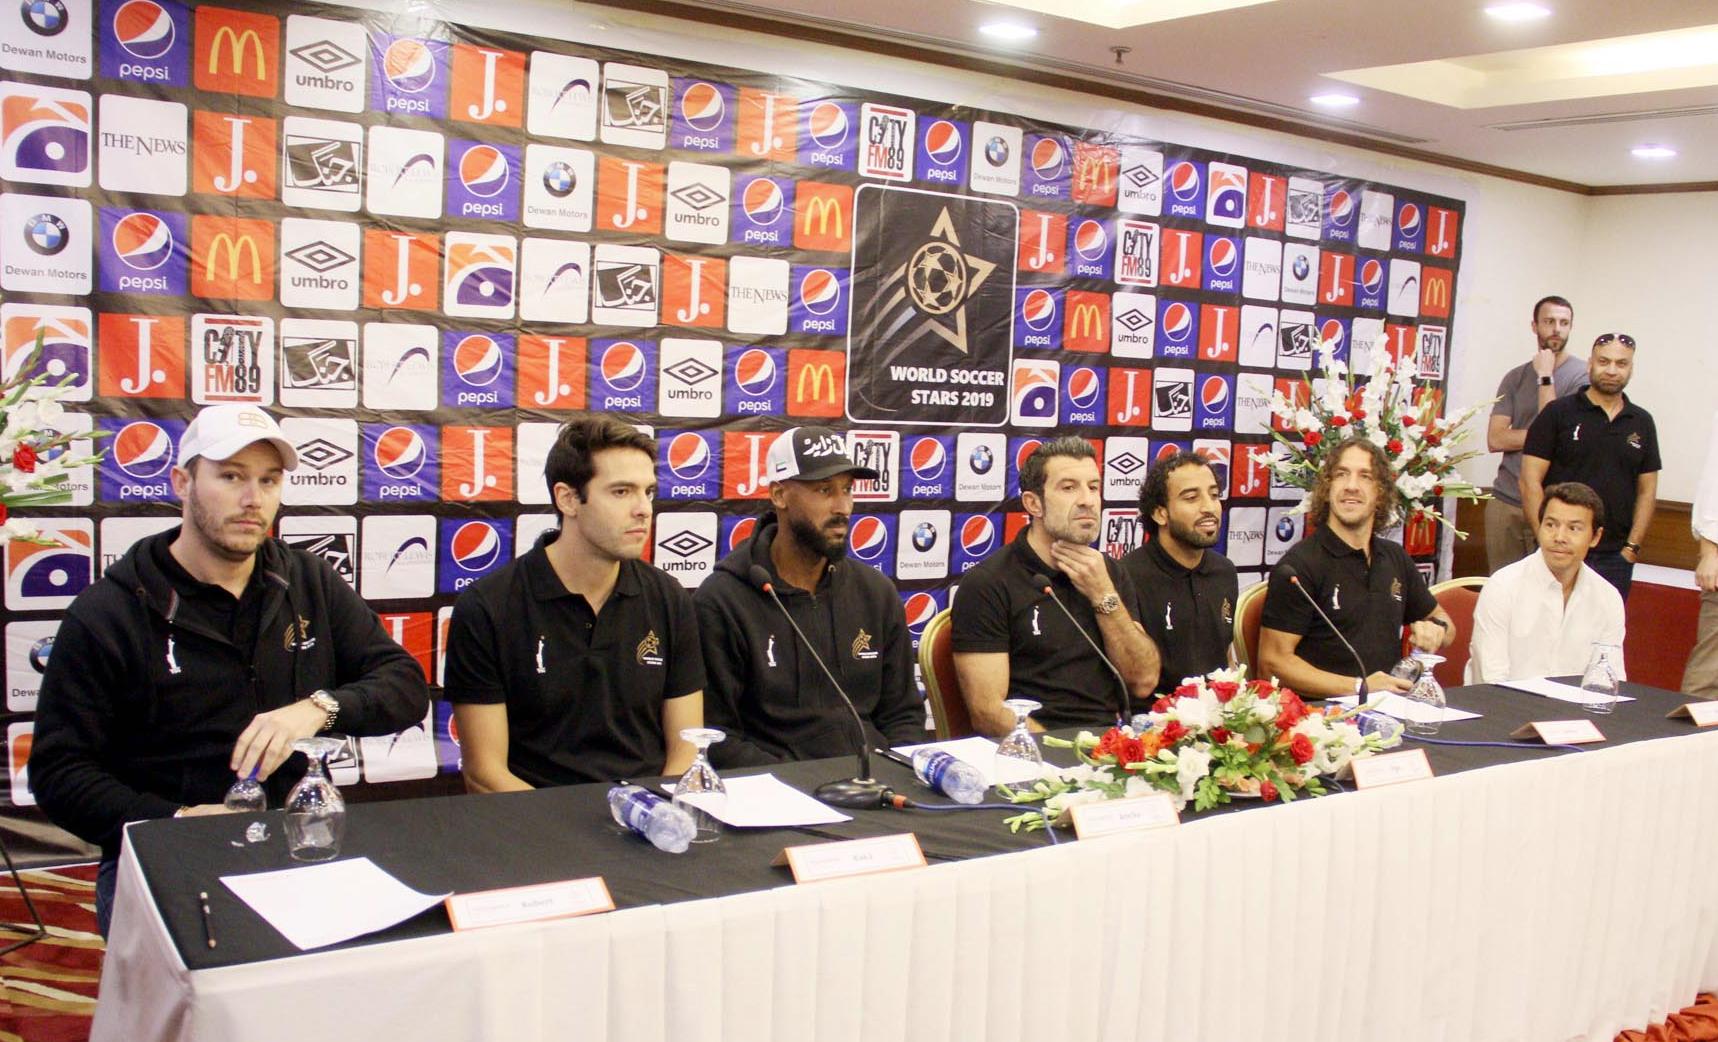 عالمی شہرت یافتہ فٹبالرز کاکا، لوئس، کارلس اور نکولز پاکستان پہنچ گئے